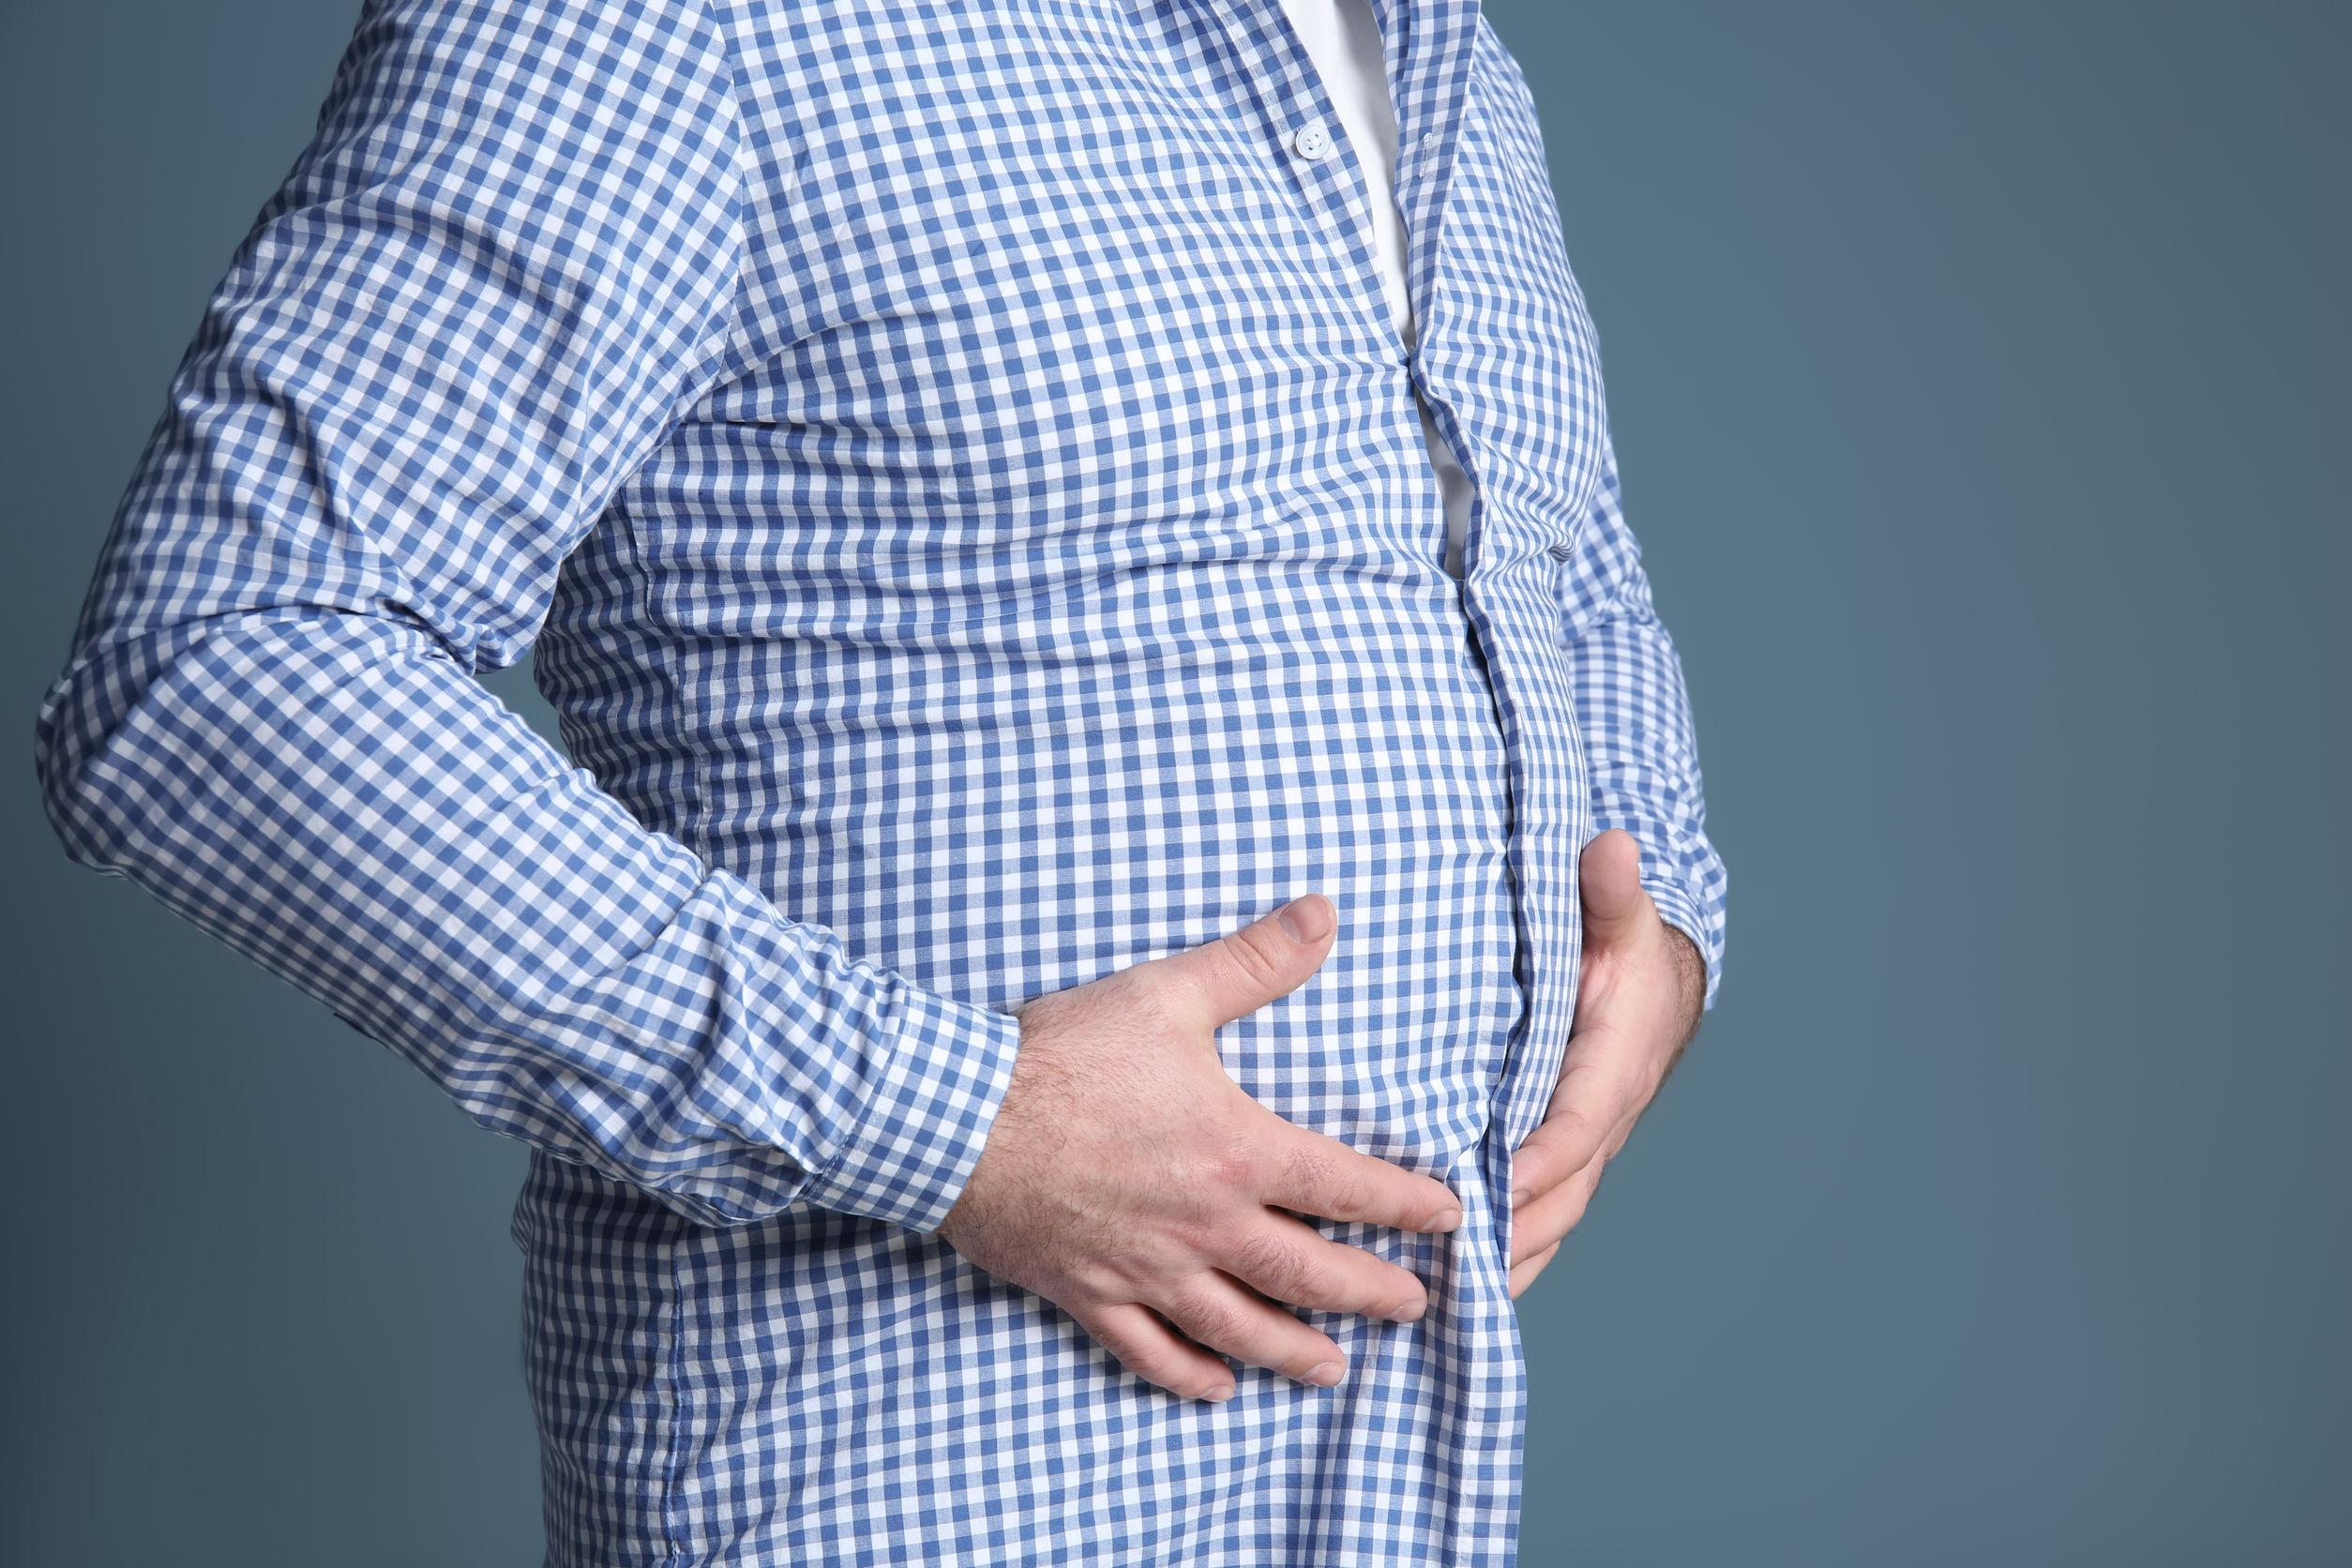 Vitamin B12 Mangel Gewichtszunahme: Die wichtigsten Fragen und Antworten